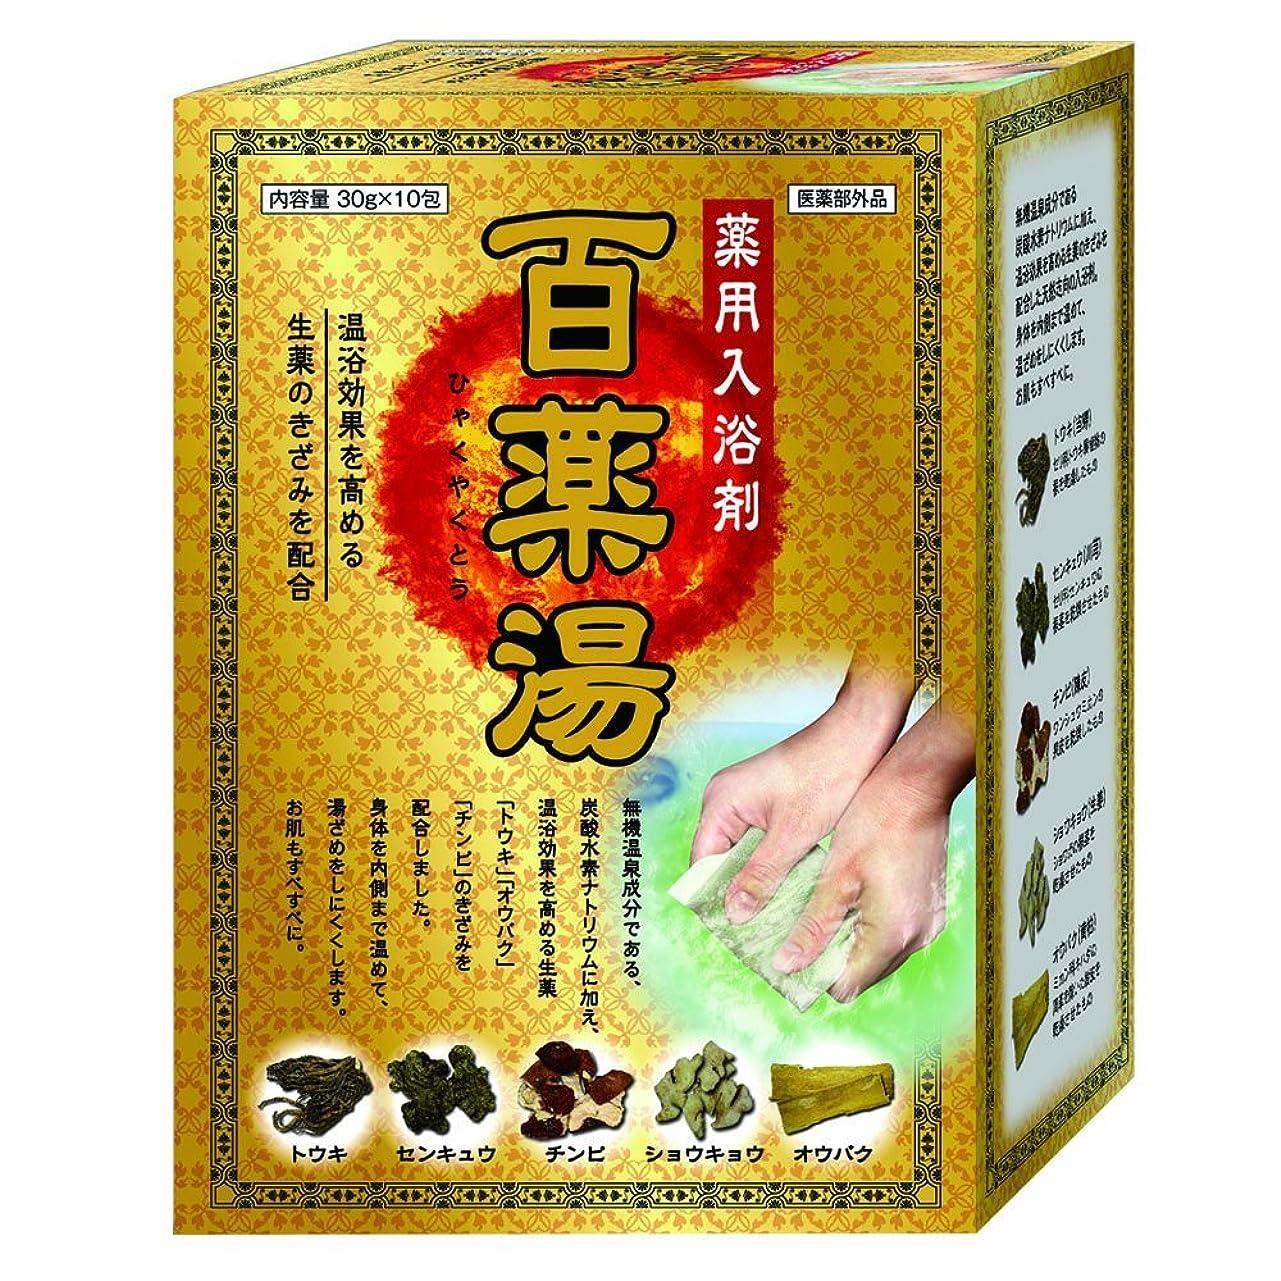 み発掘する敬の念百薬湯 薬用入浴剤 温浴効果を高める生薬のきざみを配合 30g×10包 (医薬部外品)